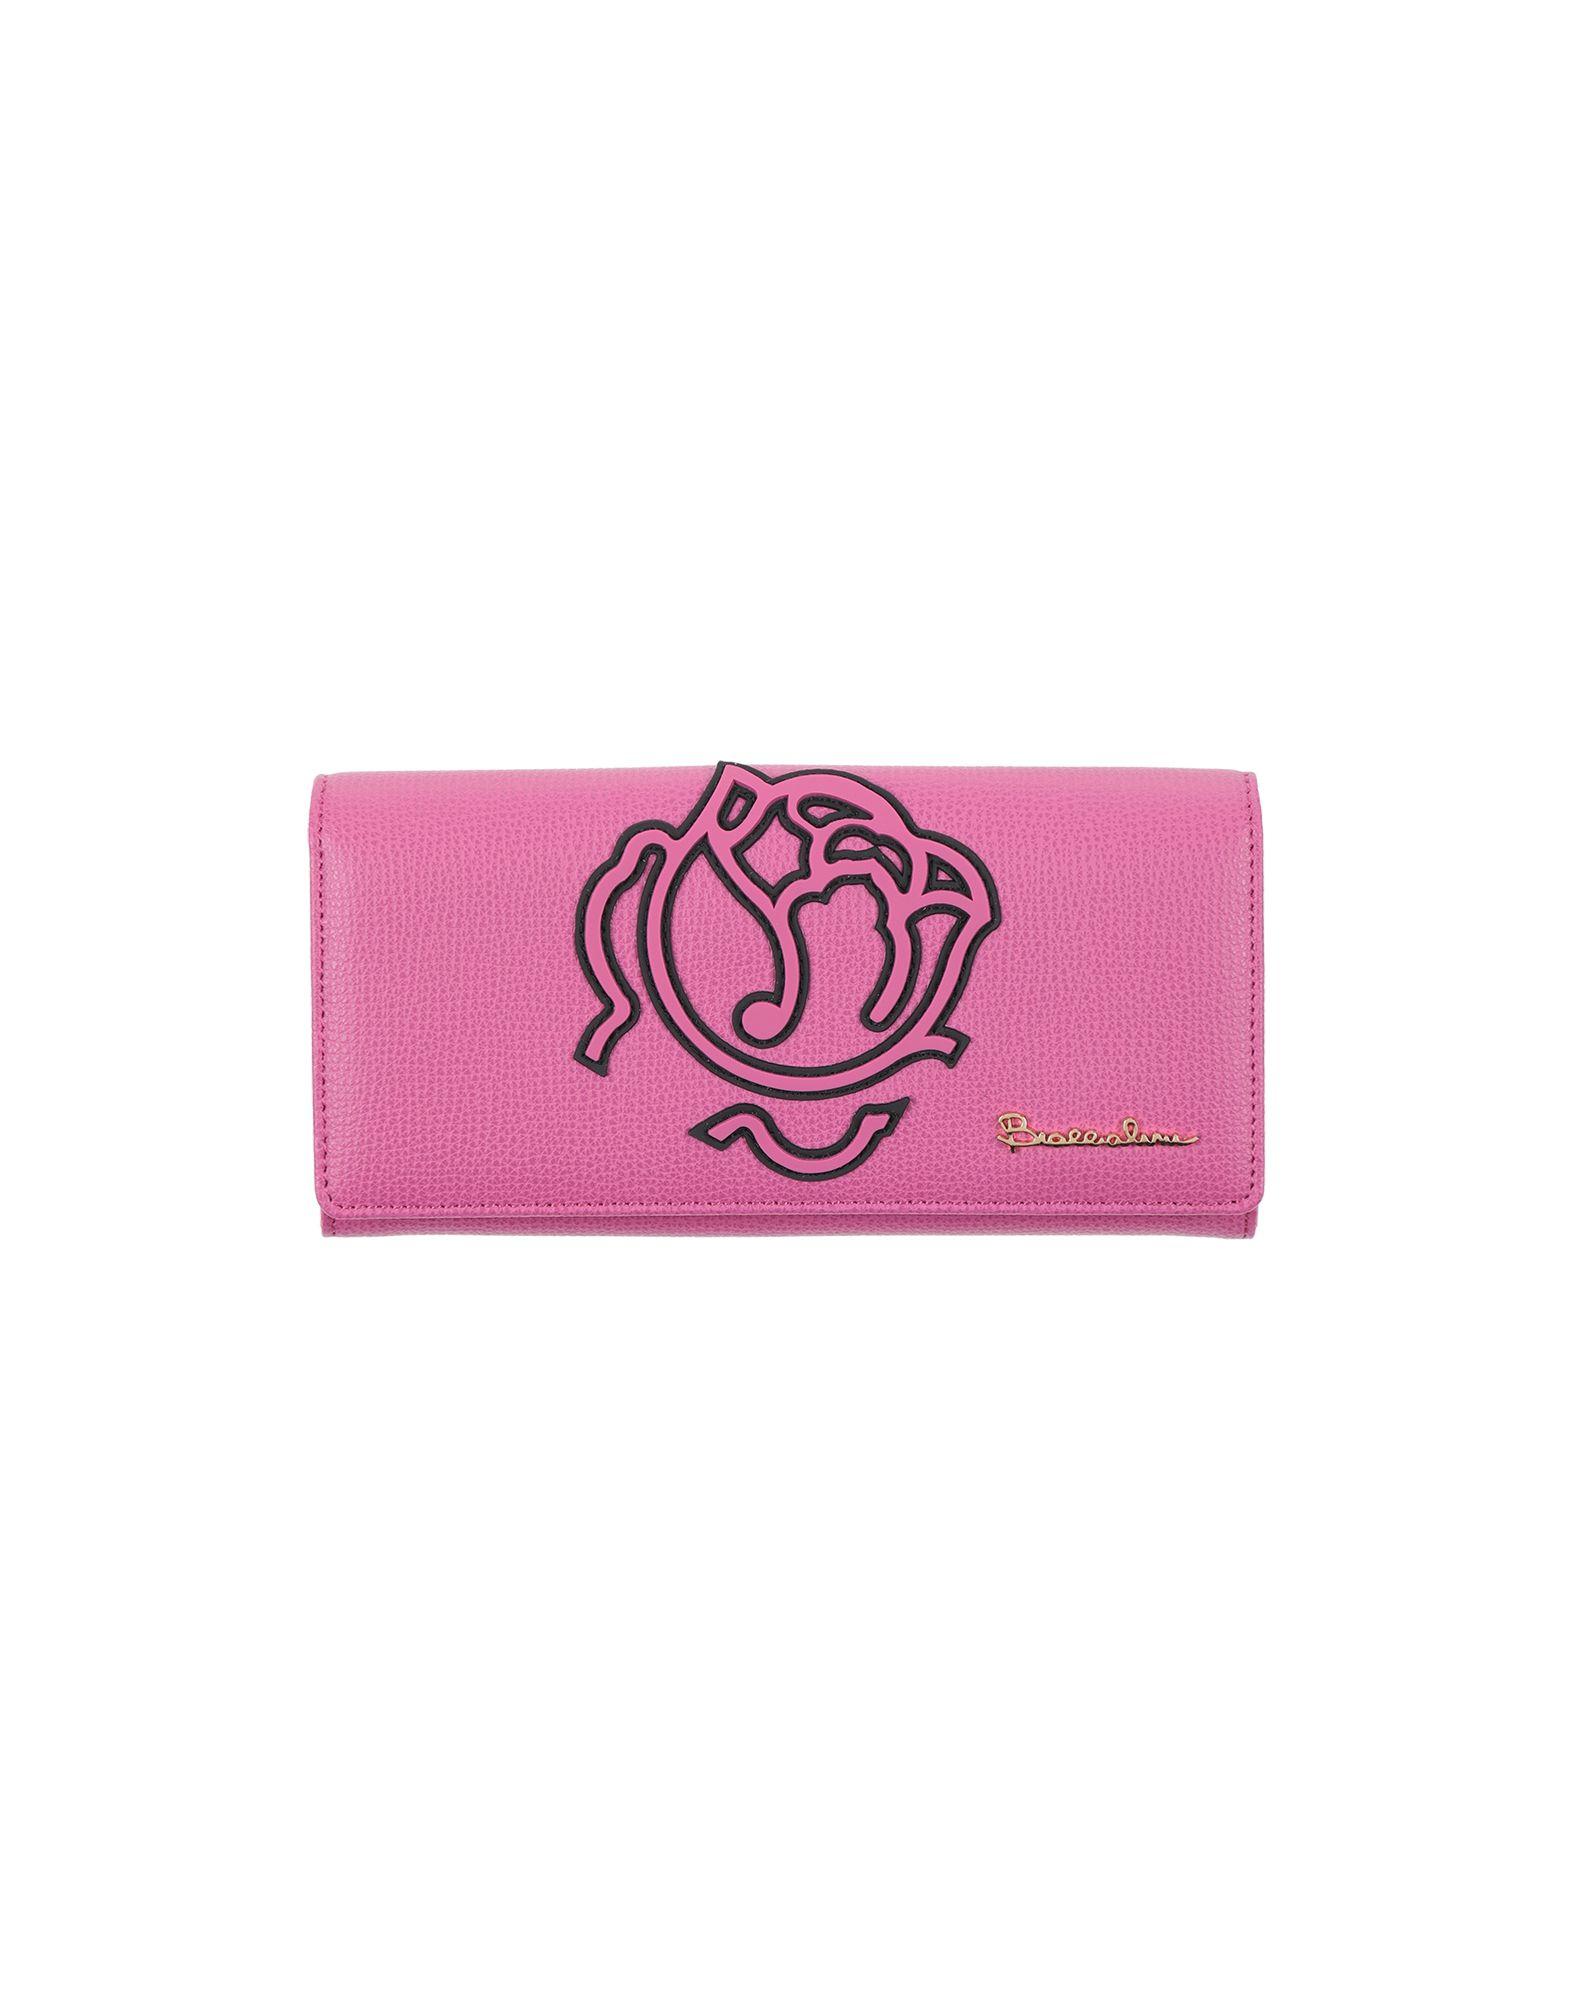 BRACCIALINI Бумажник marino кожа моды простой короткий бумажник сладкий дикий бумажник 3 раза черные женские модели